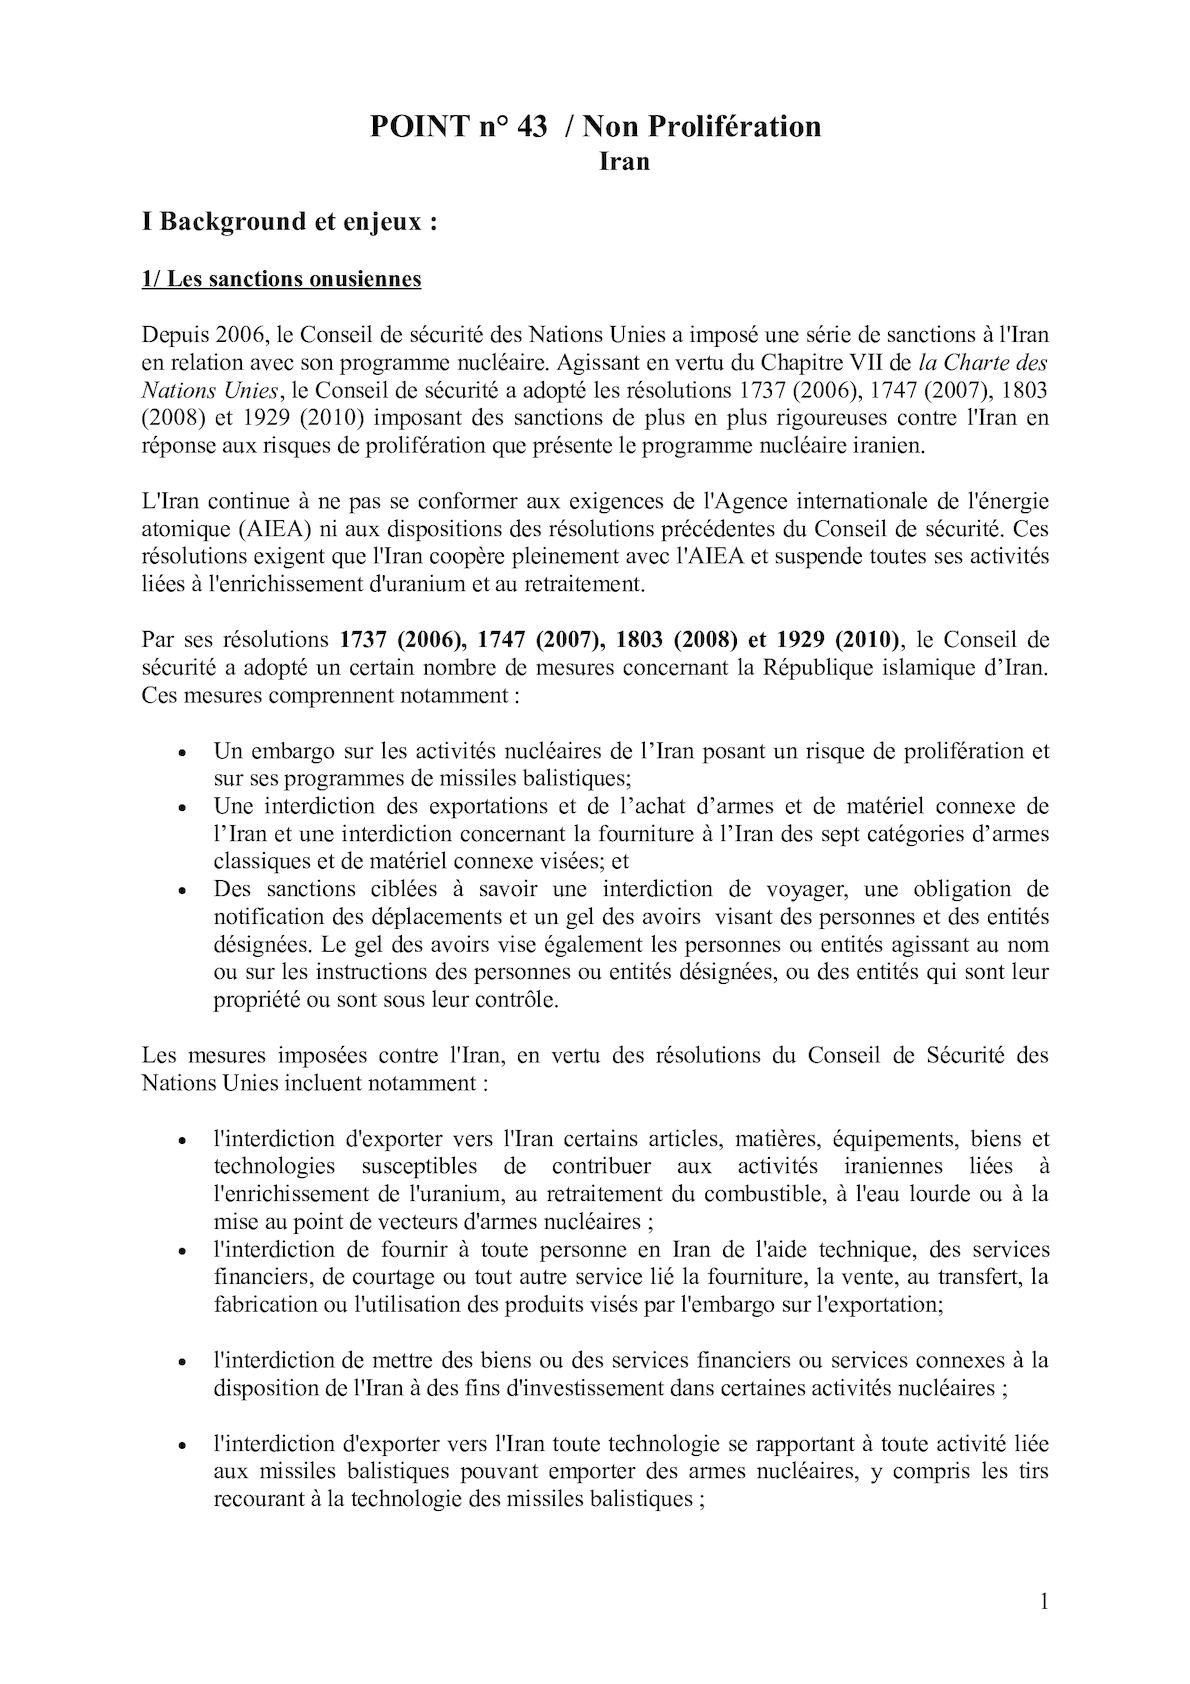 Fiche Non Prolifération Iran Pt 43 VE (2).